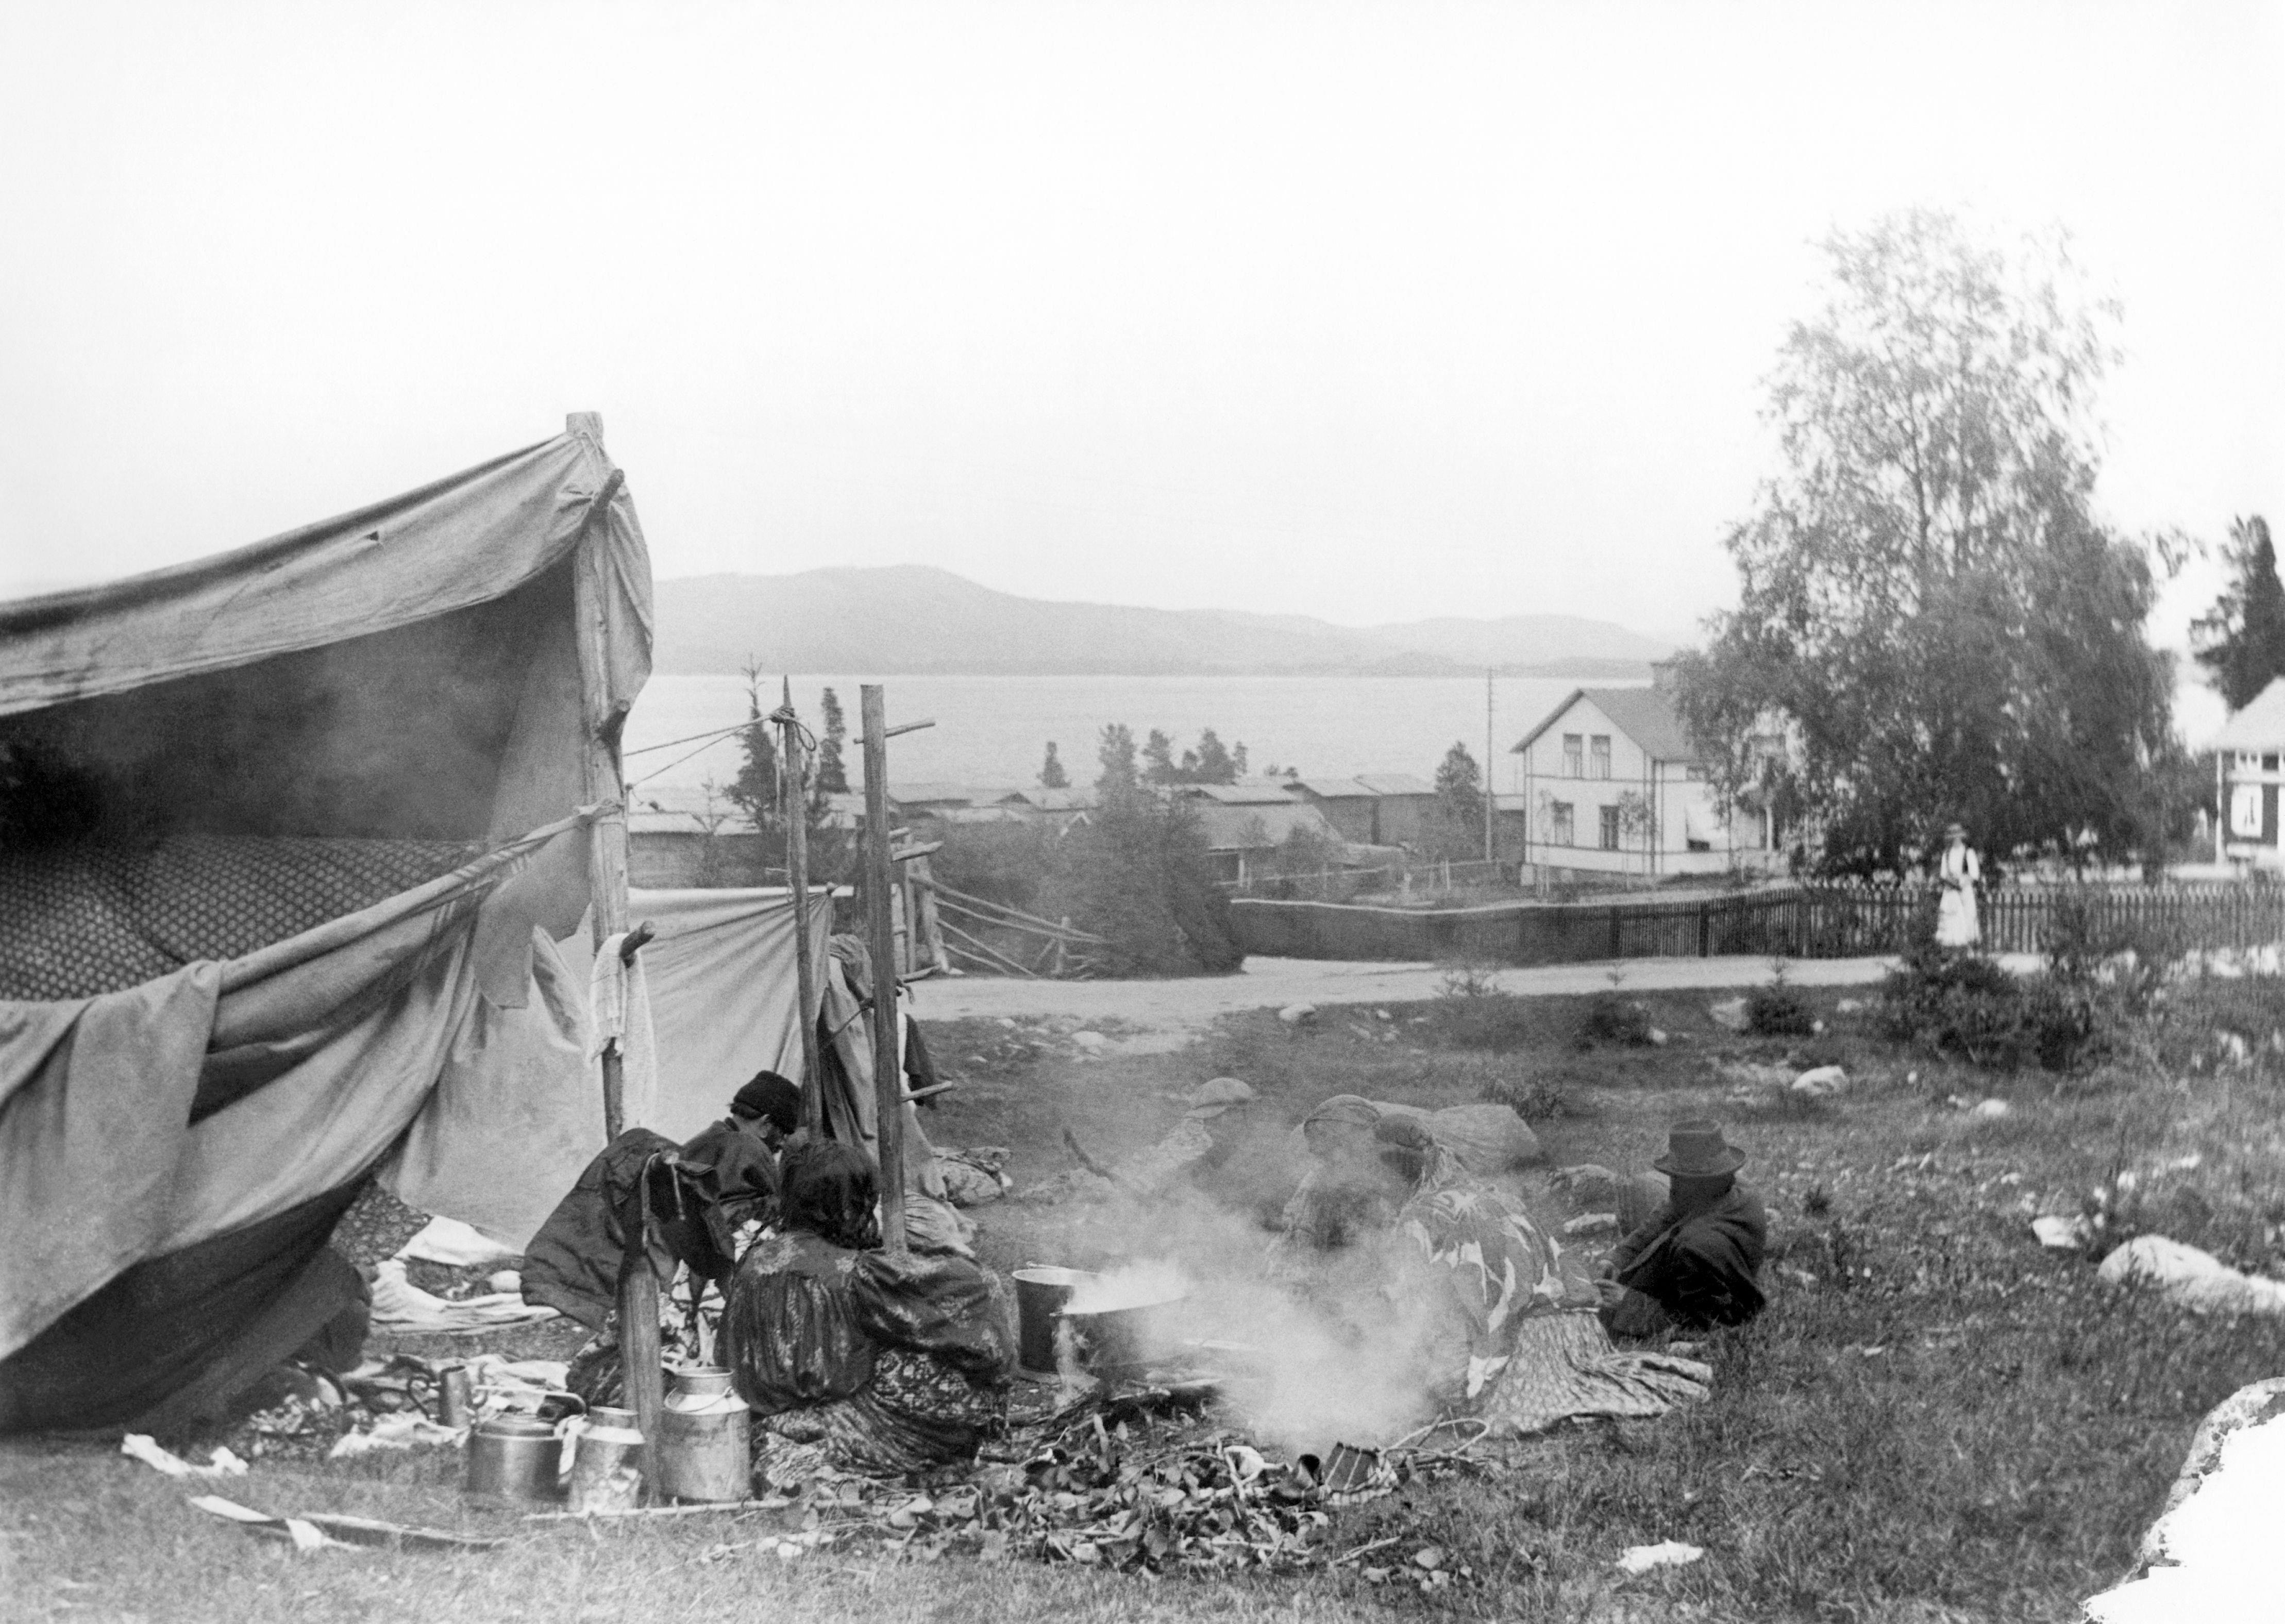 Föreläsning - Om romsk historia i Gävleborg